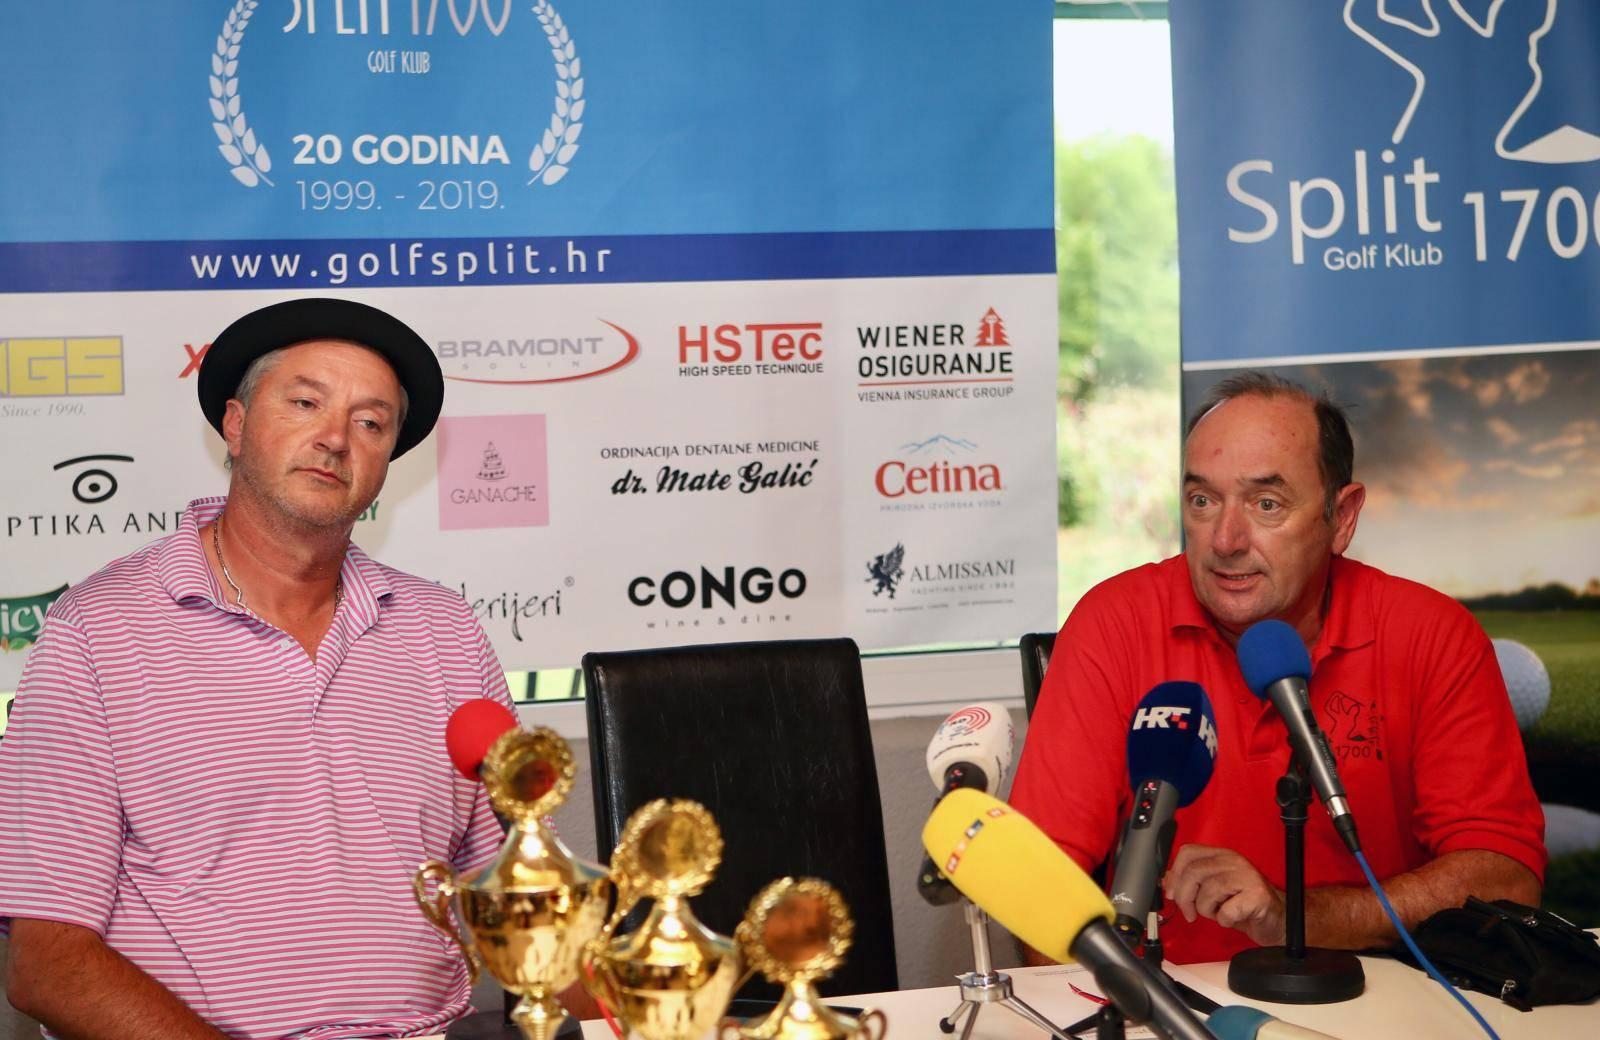 Stobreè: Golf klub Split 1700 slavi 20. obljetnicu osnutka